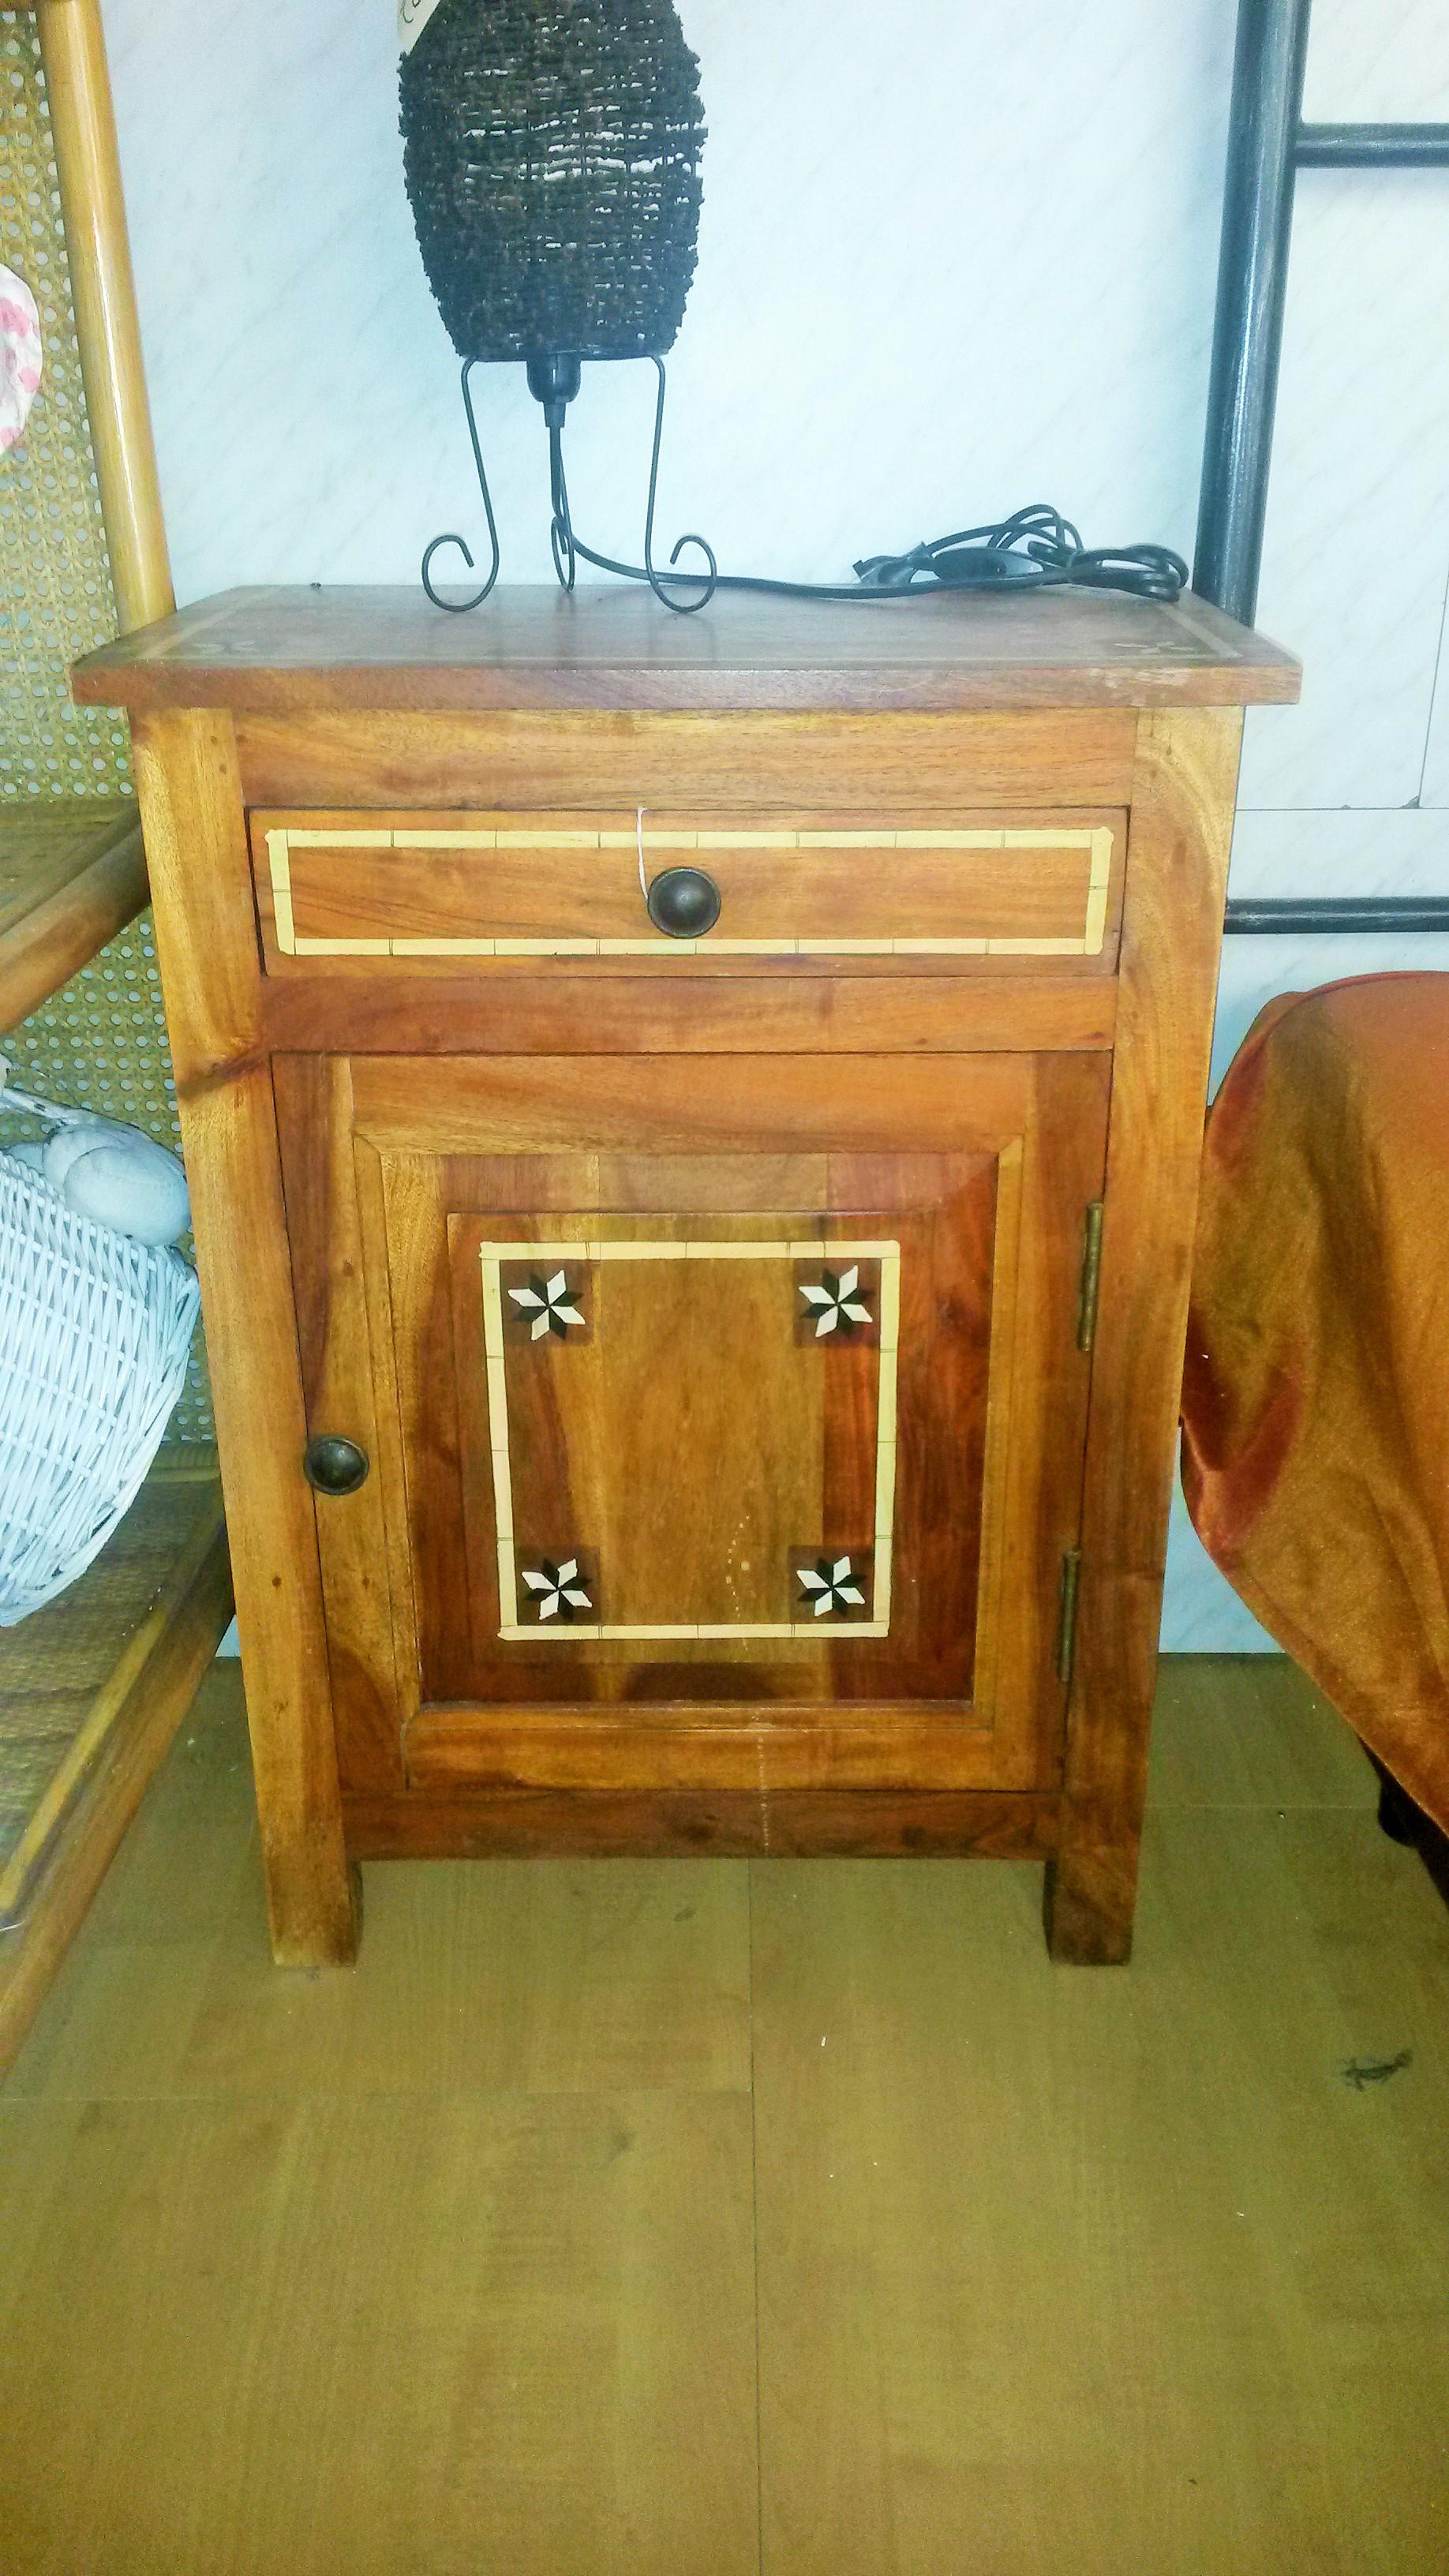 mobiletto con 1 cassetto ed 1 anta ,in legno massello con intarsi, cm 52x32x72 .